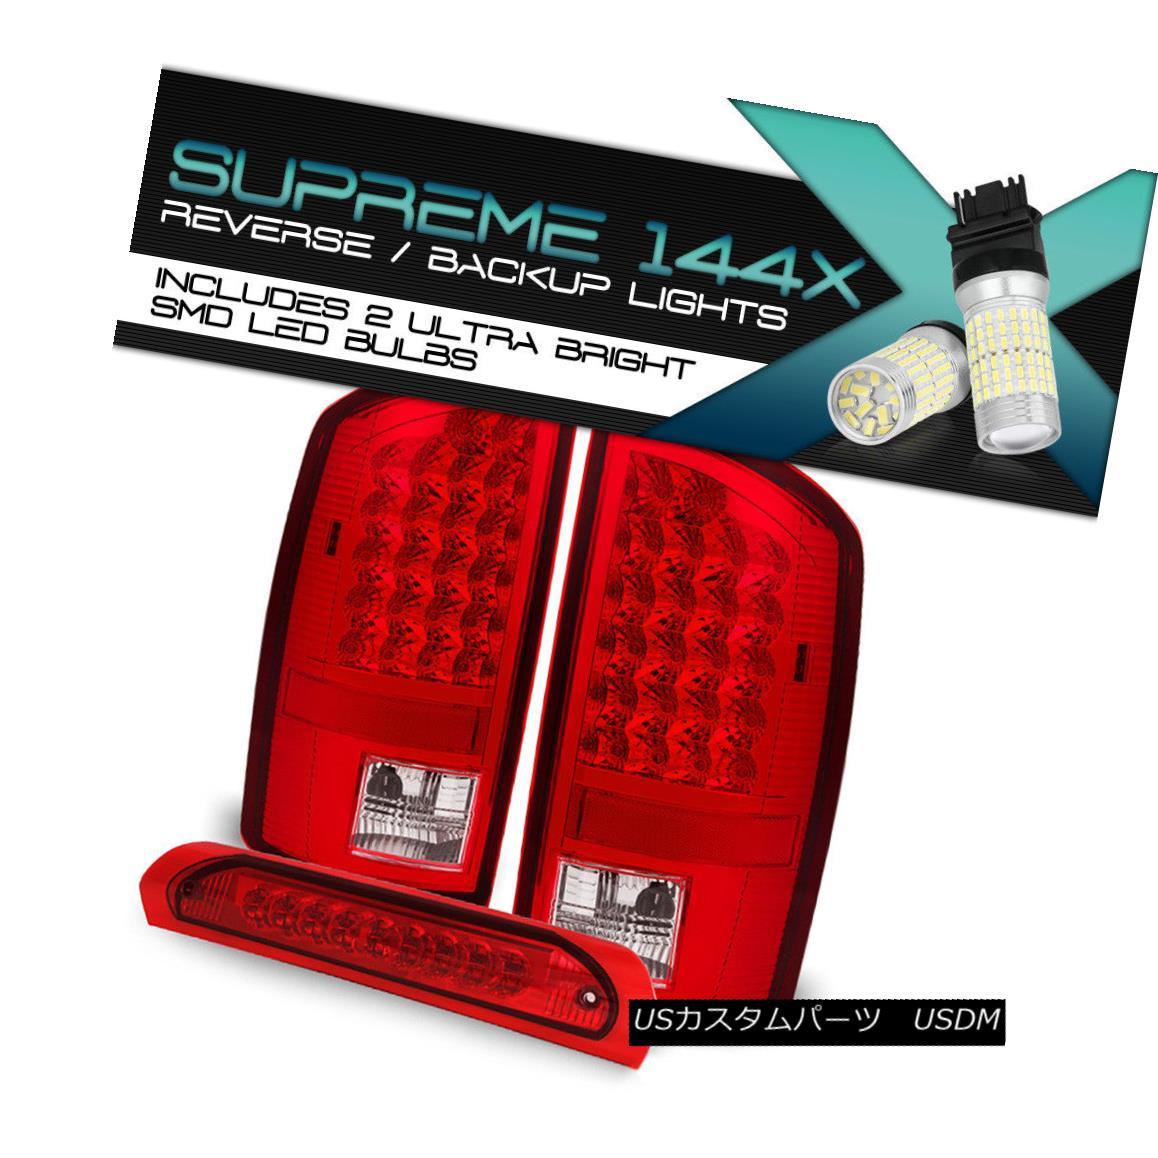 テールライト [FULL SMD BACKUP] Red LED brake + Tail Lights SET For 2002-2006 RAM Pickup Truck [FULL SMD BACKUP]赤色LEDブレーキ+テールライトセット2002-2006用RAM Pickup Truck